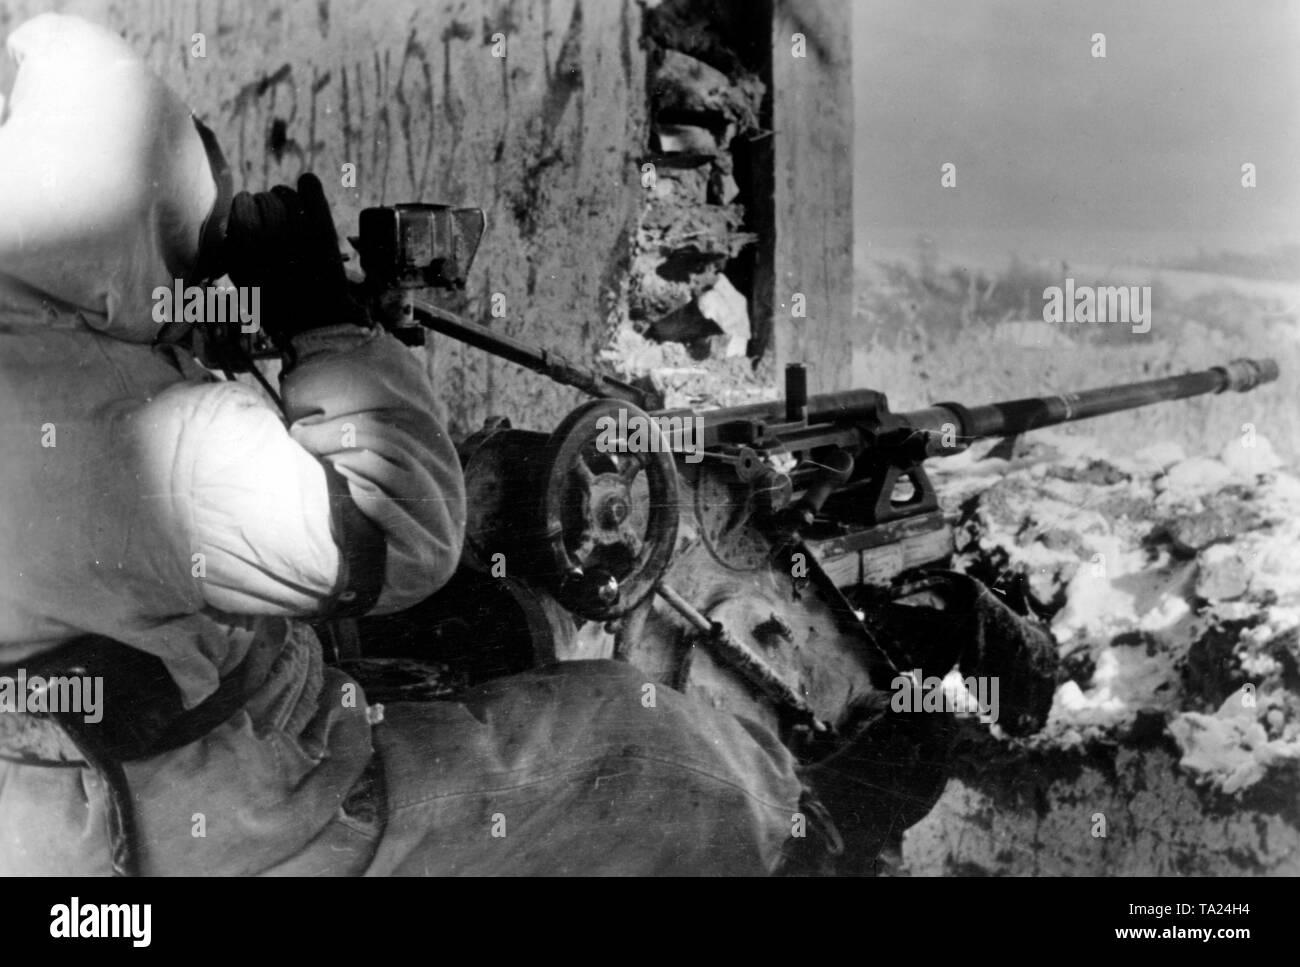 Un soldato tedesco osserva i dintorni di una rovina su di una piccola collina. Egli siede su un 2 cm flak 30 che è stato destinato per i bersagli di terra. Foto di Propaganda Company (PK): corrispondente di guerra Liedtke. Foto Stock